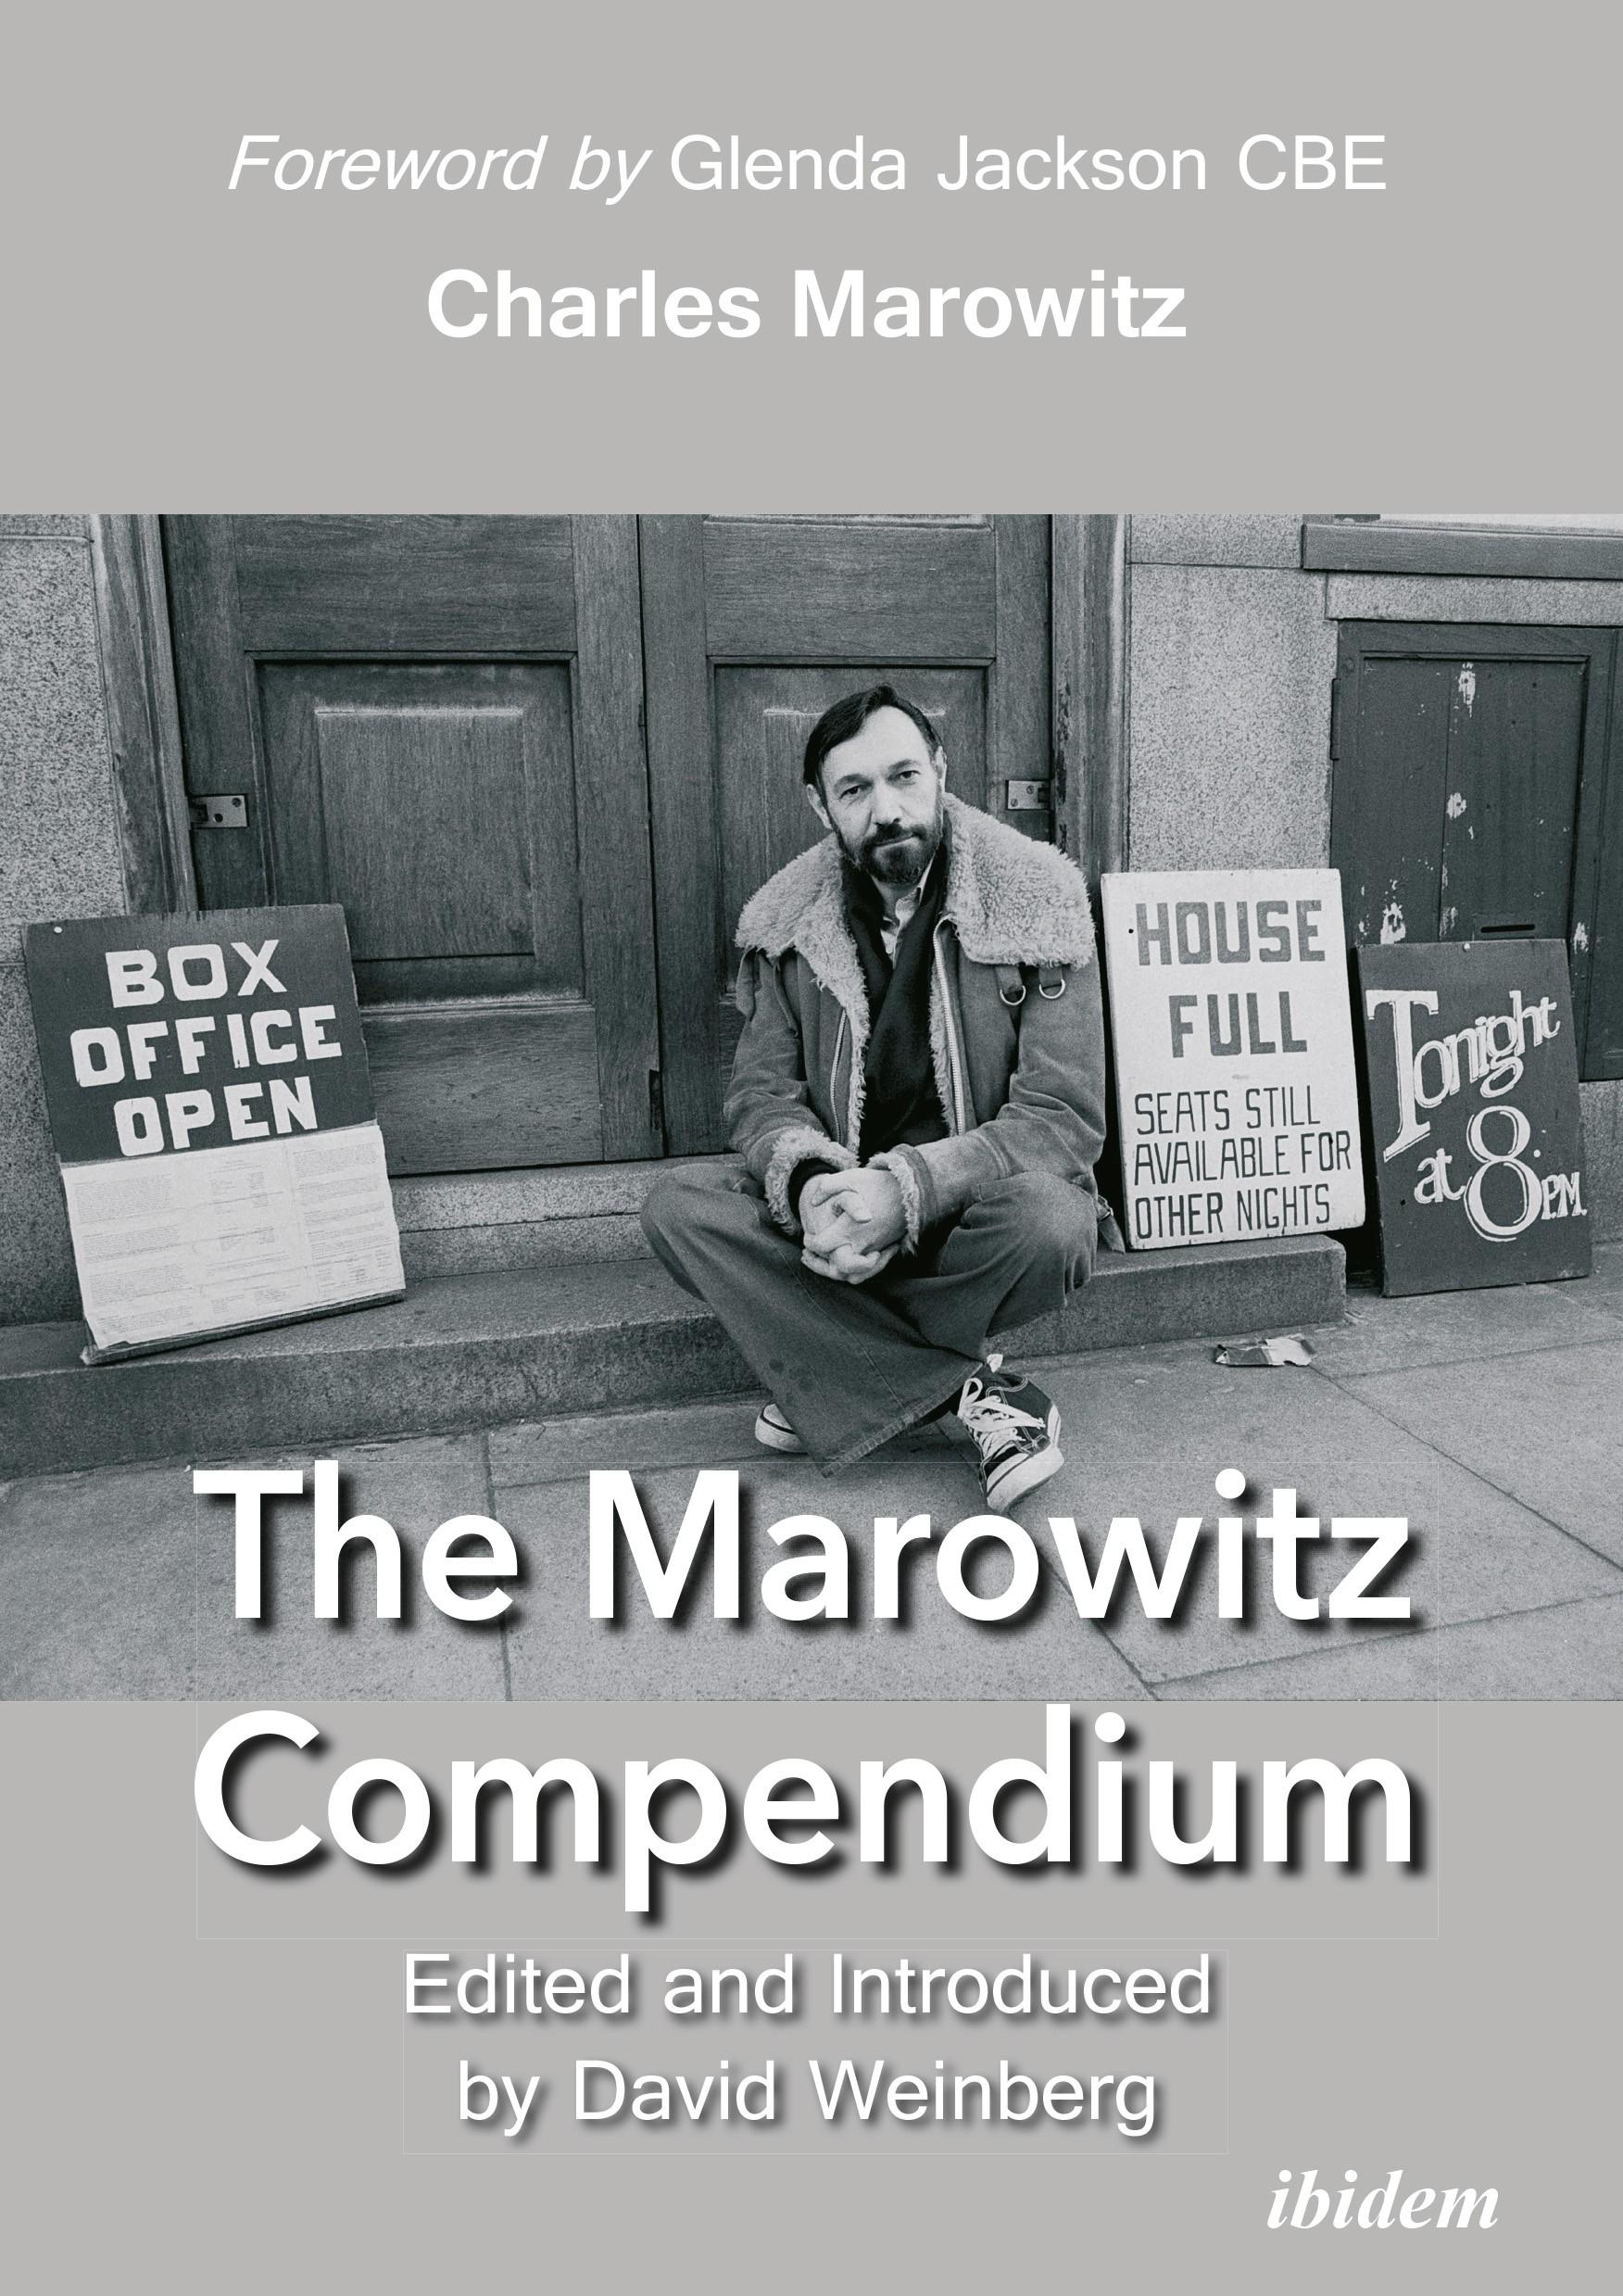 The Marowitz Compendium